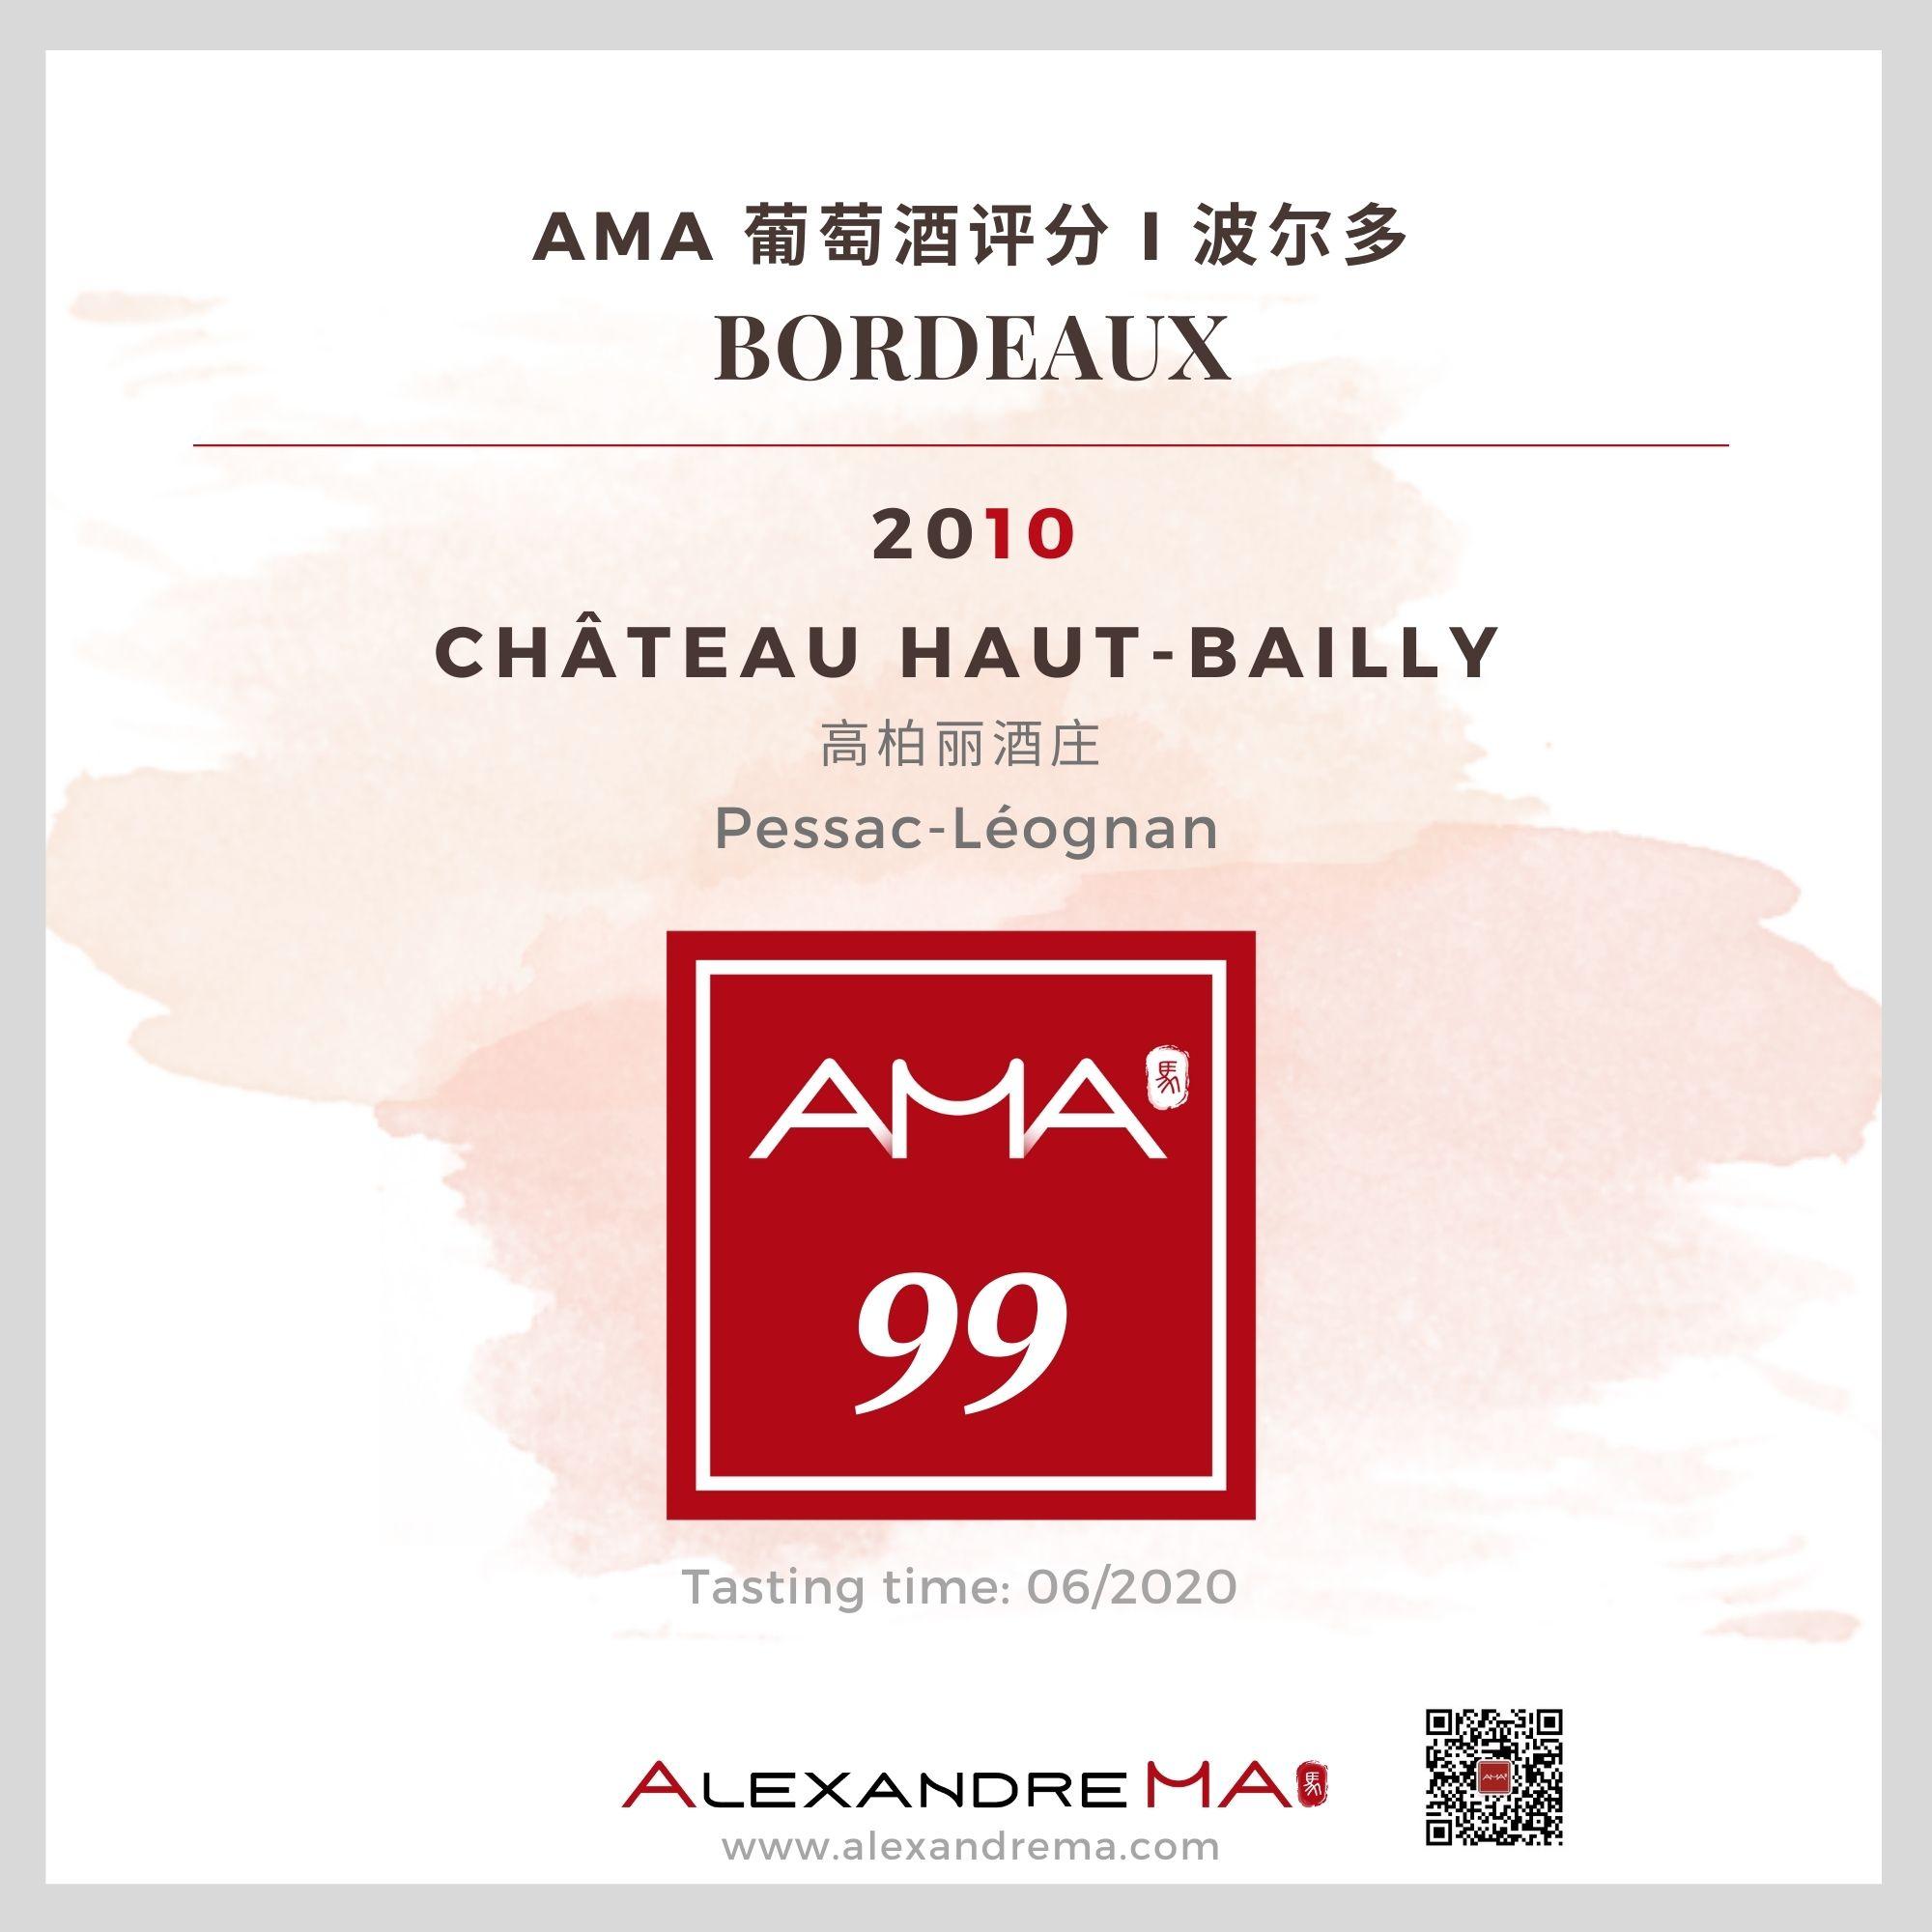 Château Haut-Bailly 2010 高柏丽酒庄 - Alexandre Ma